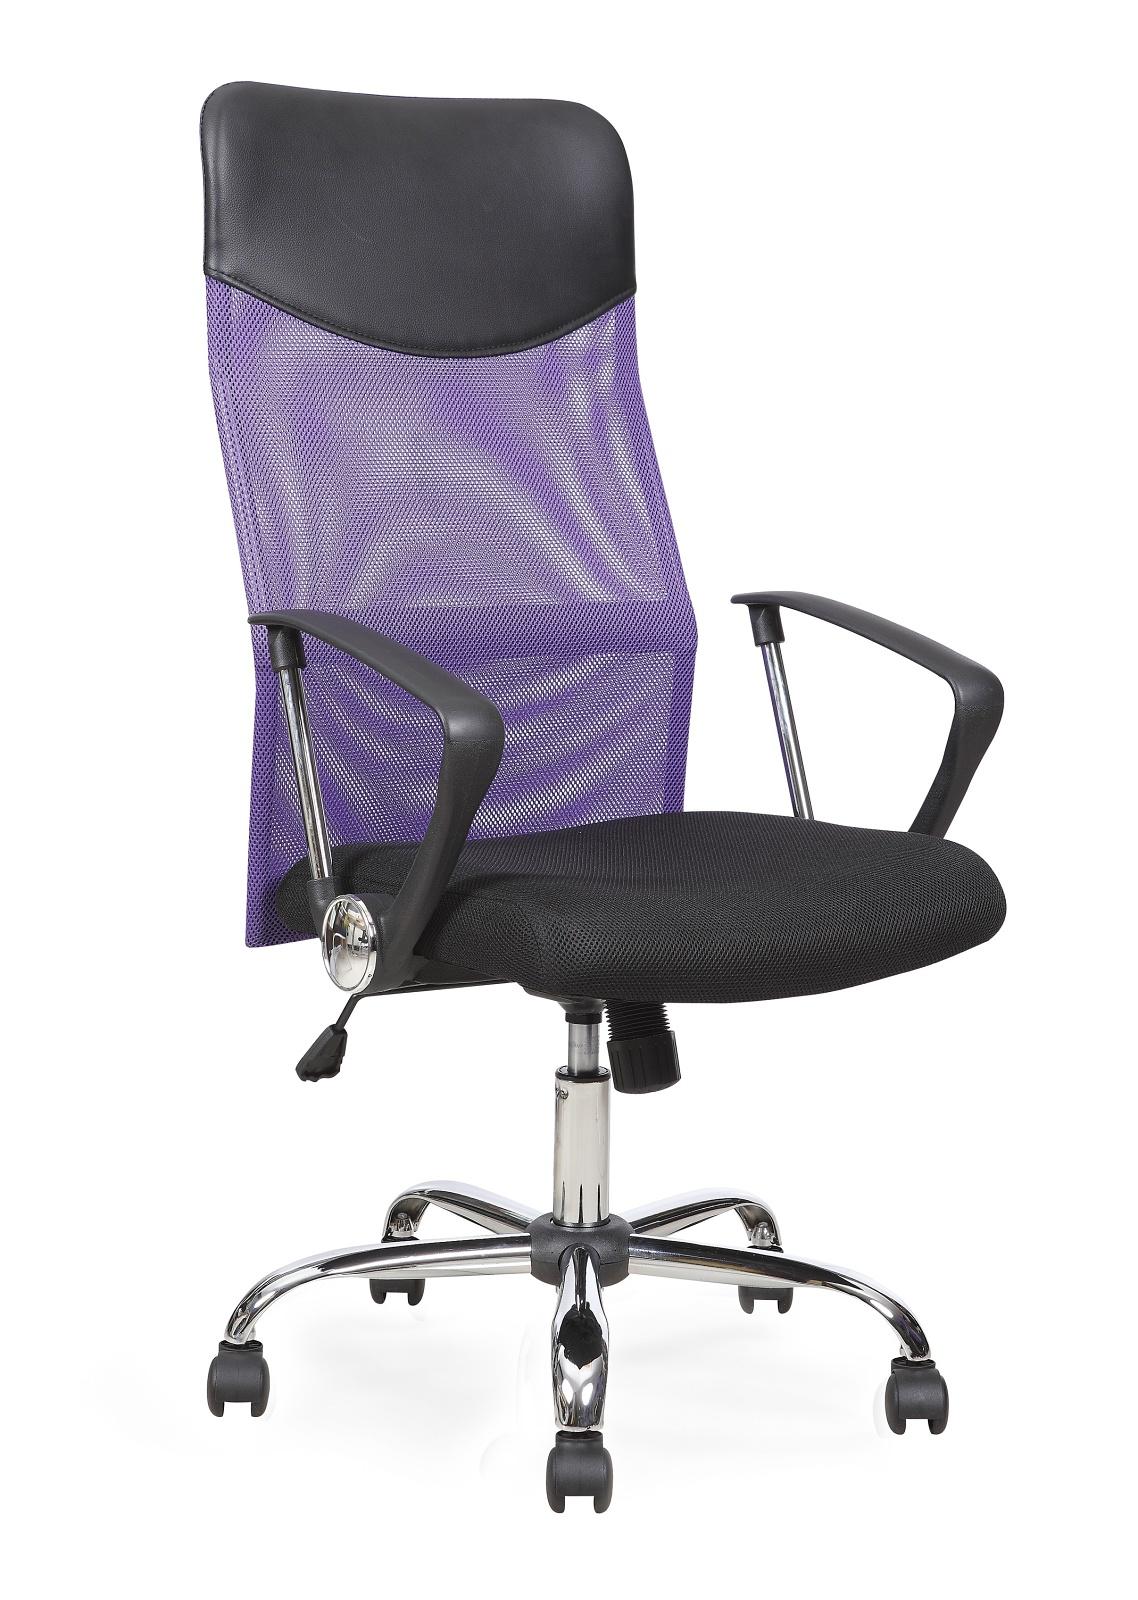 Kancelářská židle - Halmar - Vire fialová